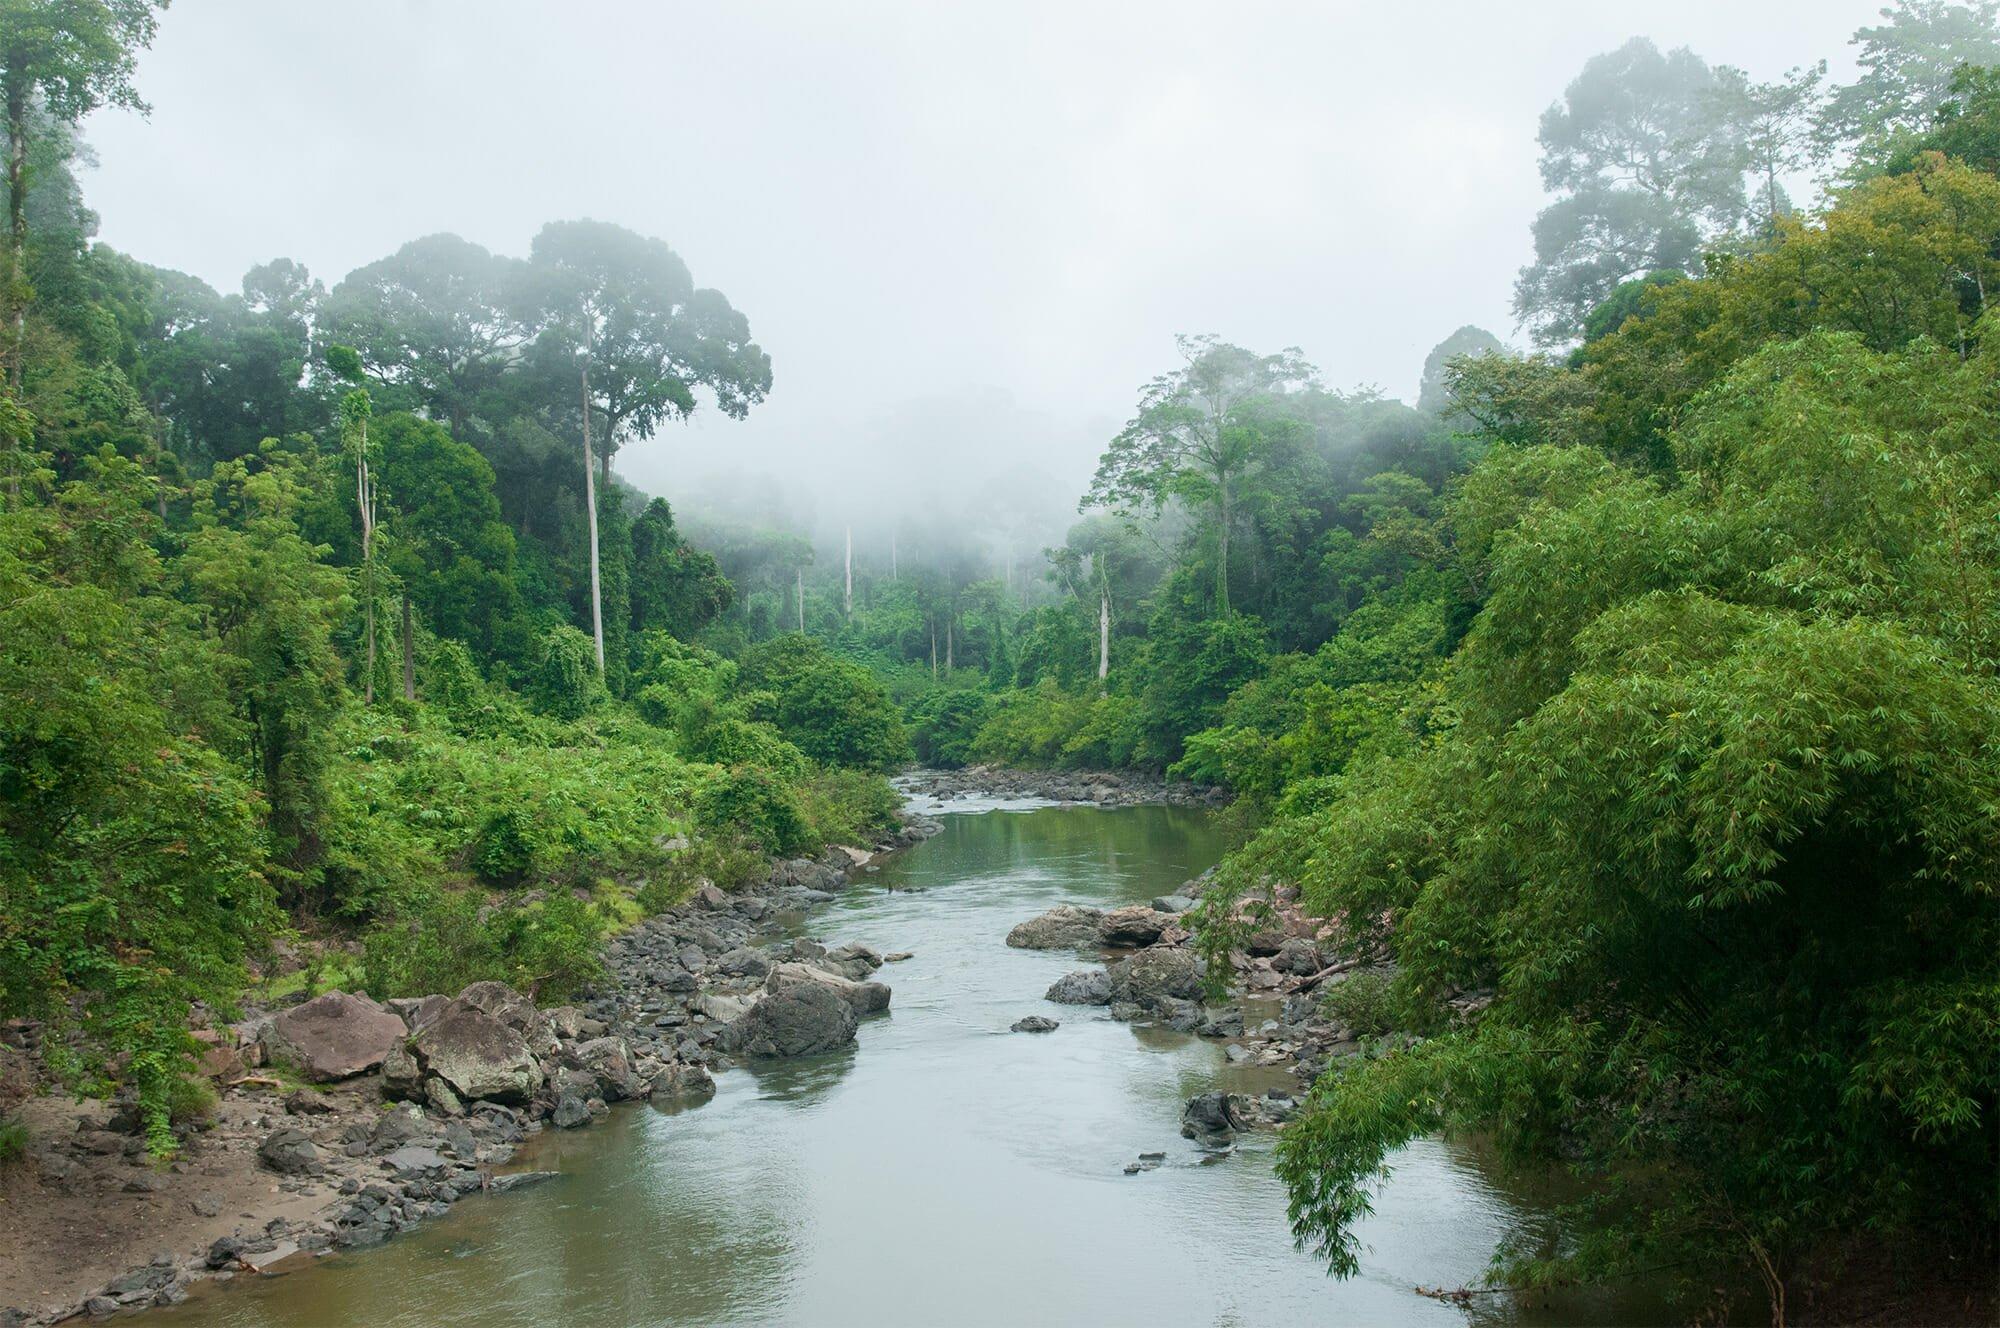 Ancient rainforest of Danum Valley, Borneo